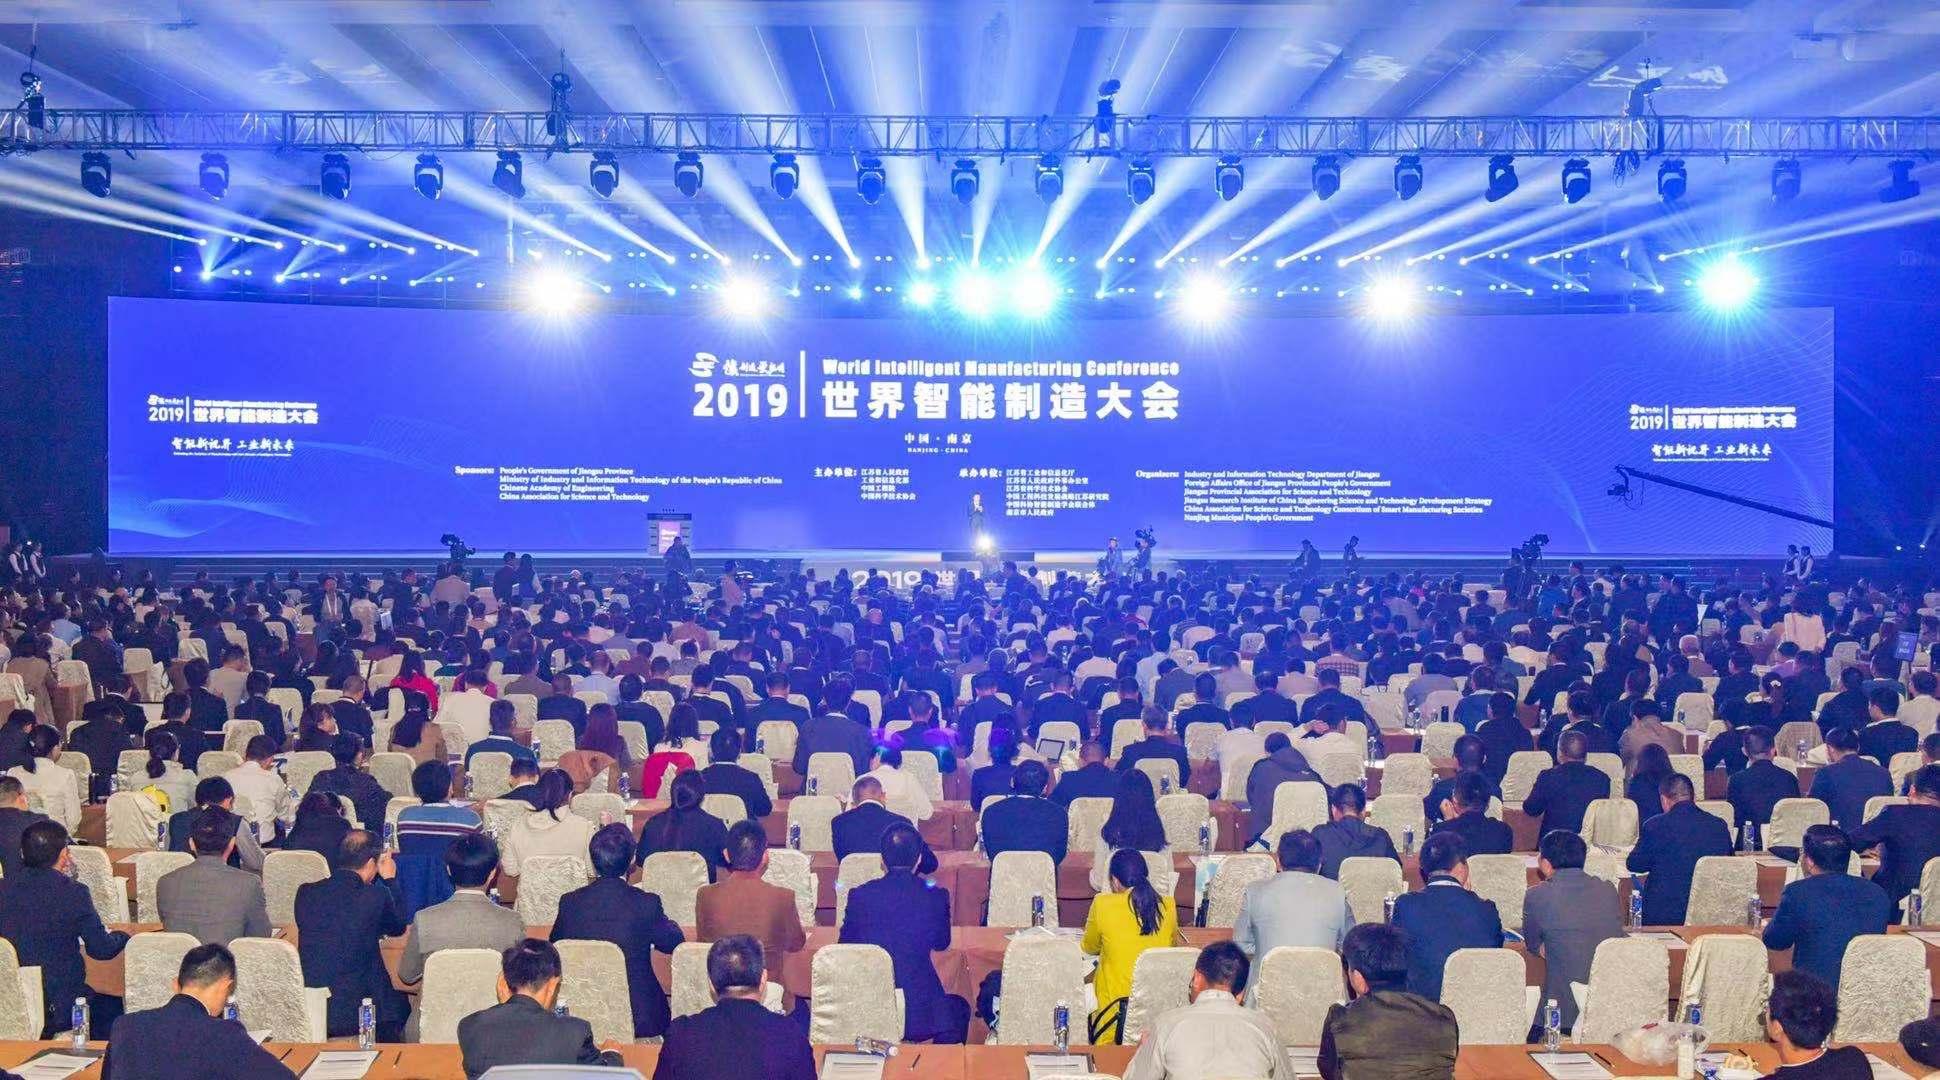 智能新视界 工业新未来 2019世界智能制造大会18日在南京开幕